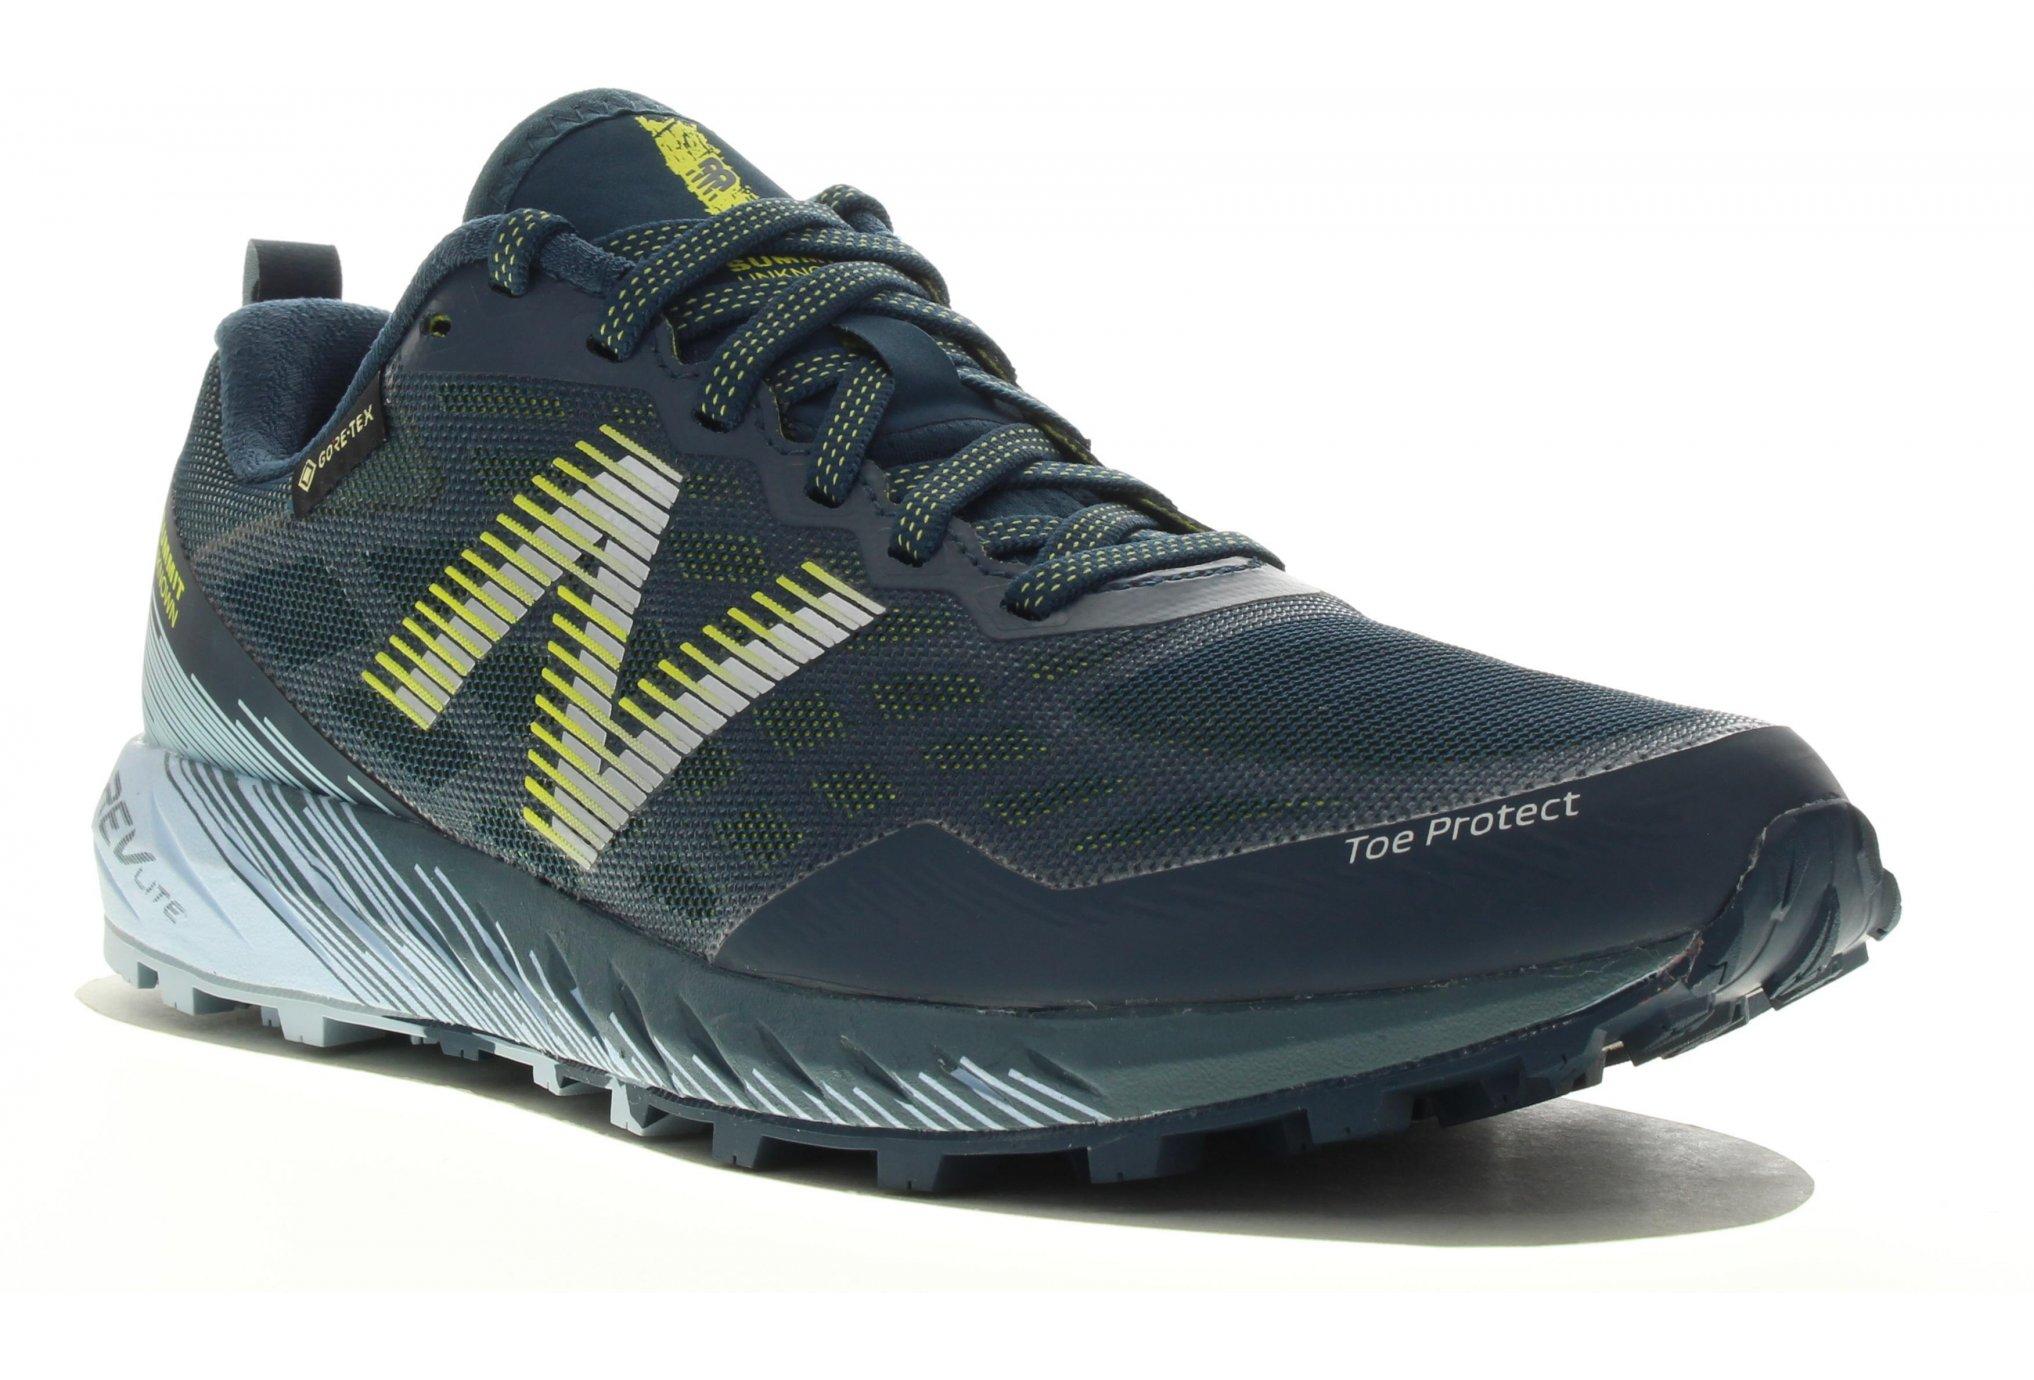 New Balance Summit Unknown Gore-Tex Chaussures running femme